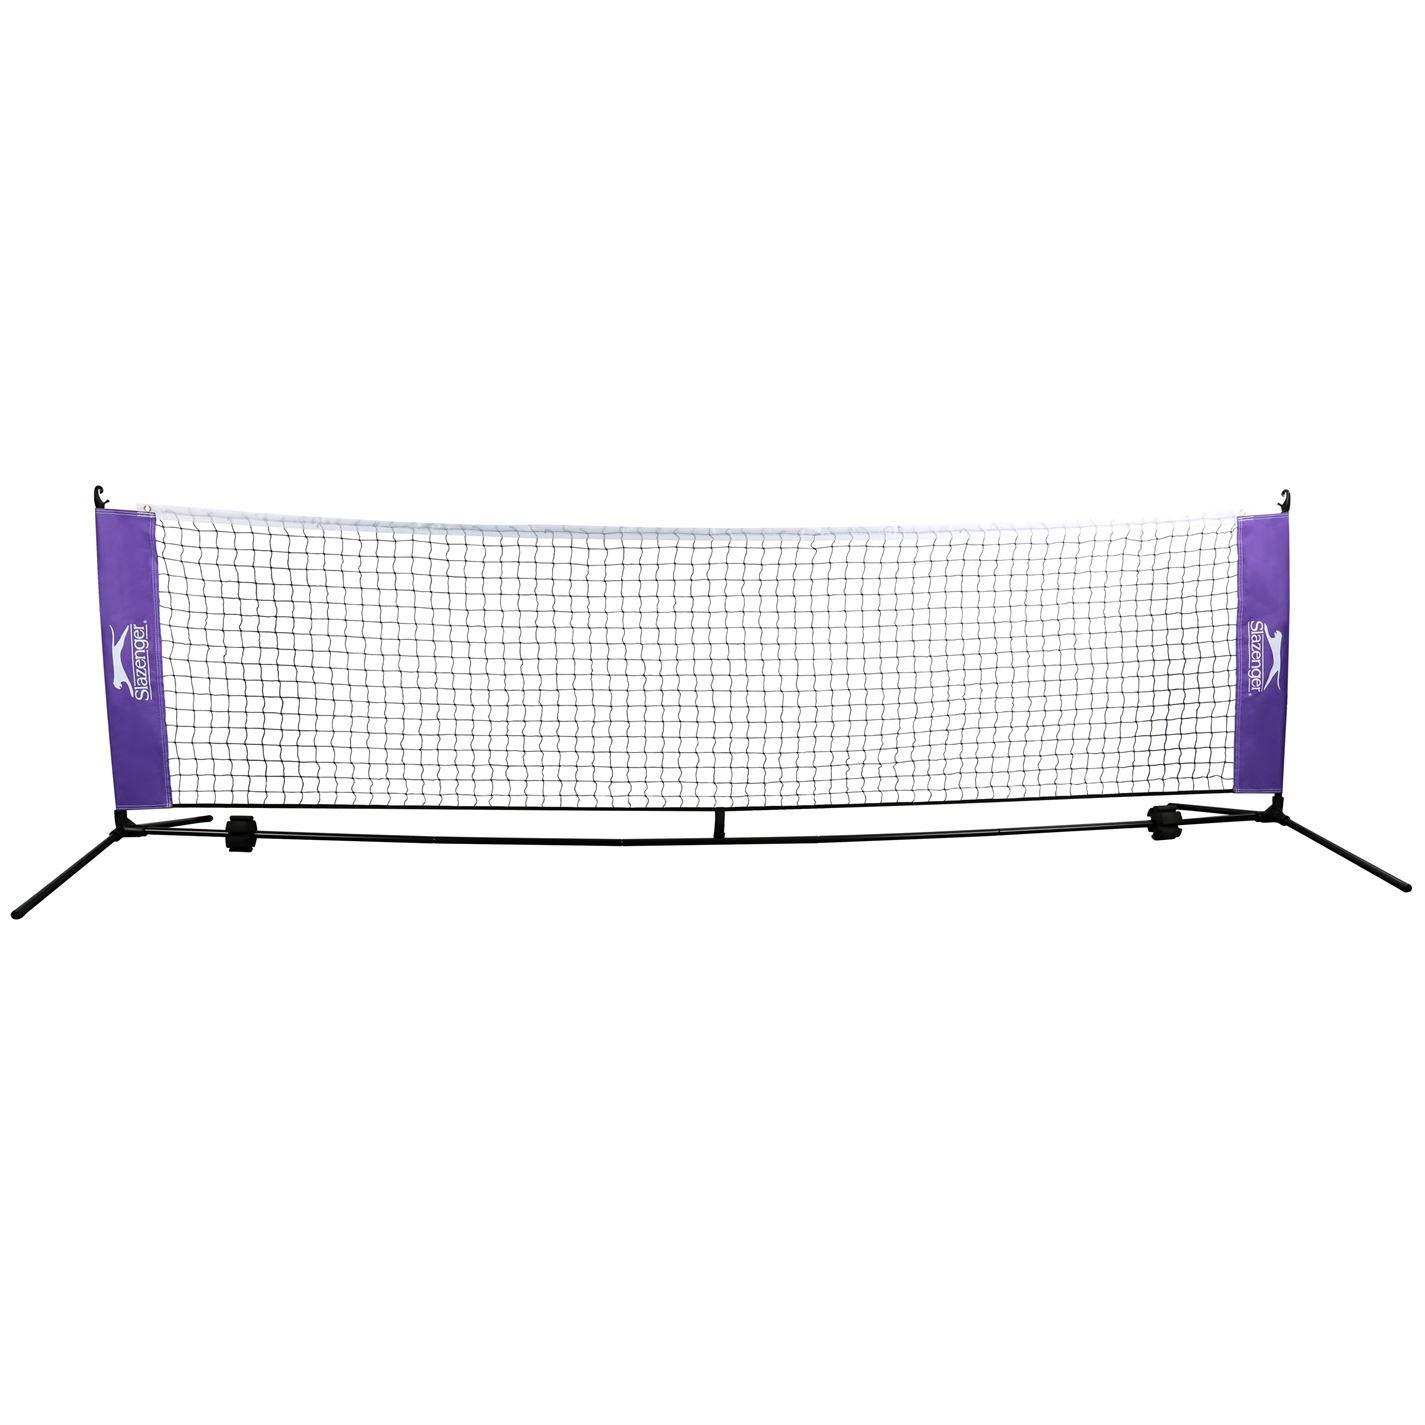 Carlton Badminton Racket Cover Bag Blackyellow Racquet Bag Ebay